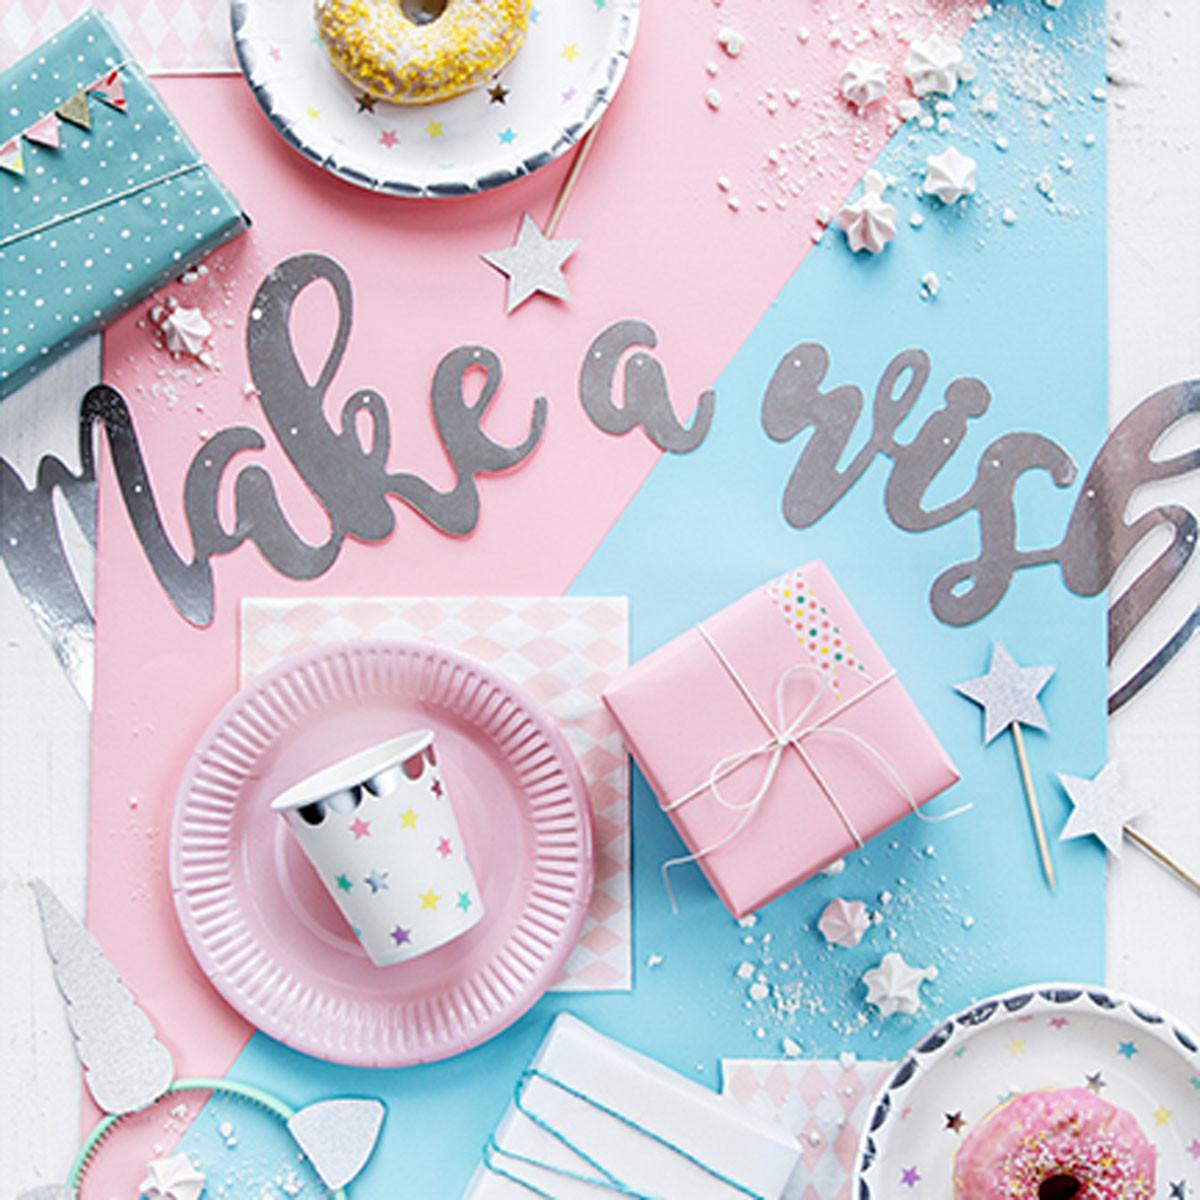 Girlande Diy  Girlande DIY Banner Make a Wisch silberfarbig glänzend